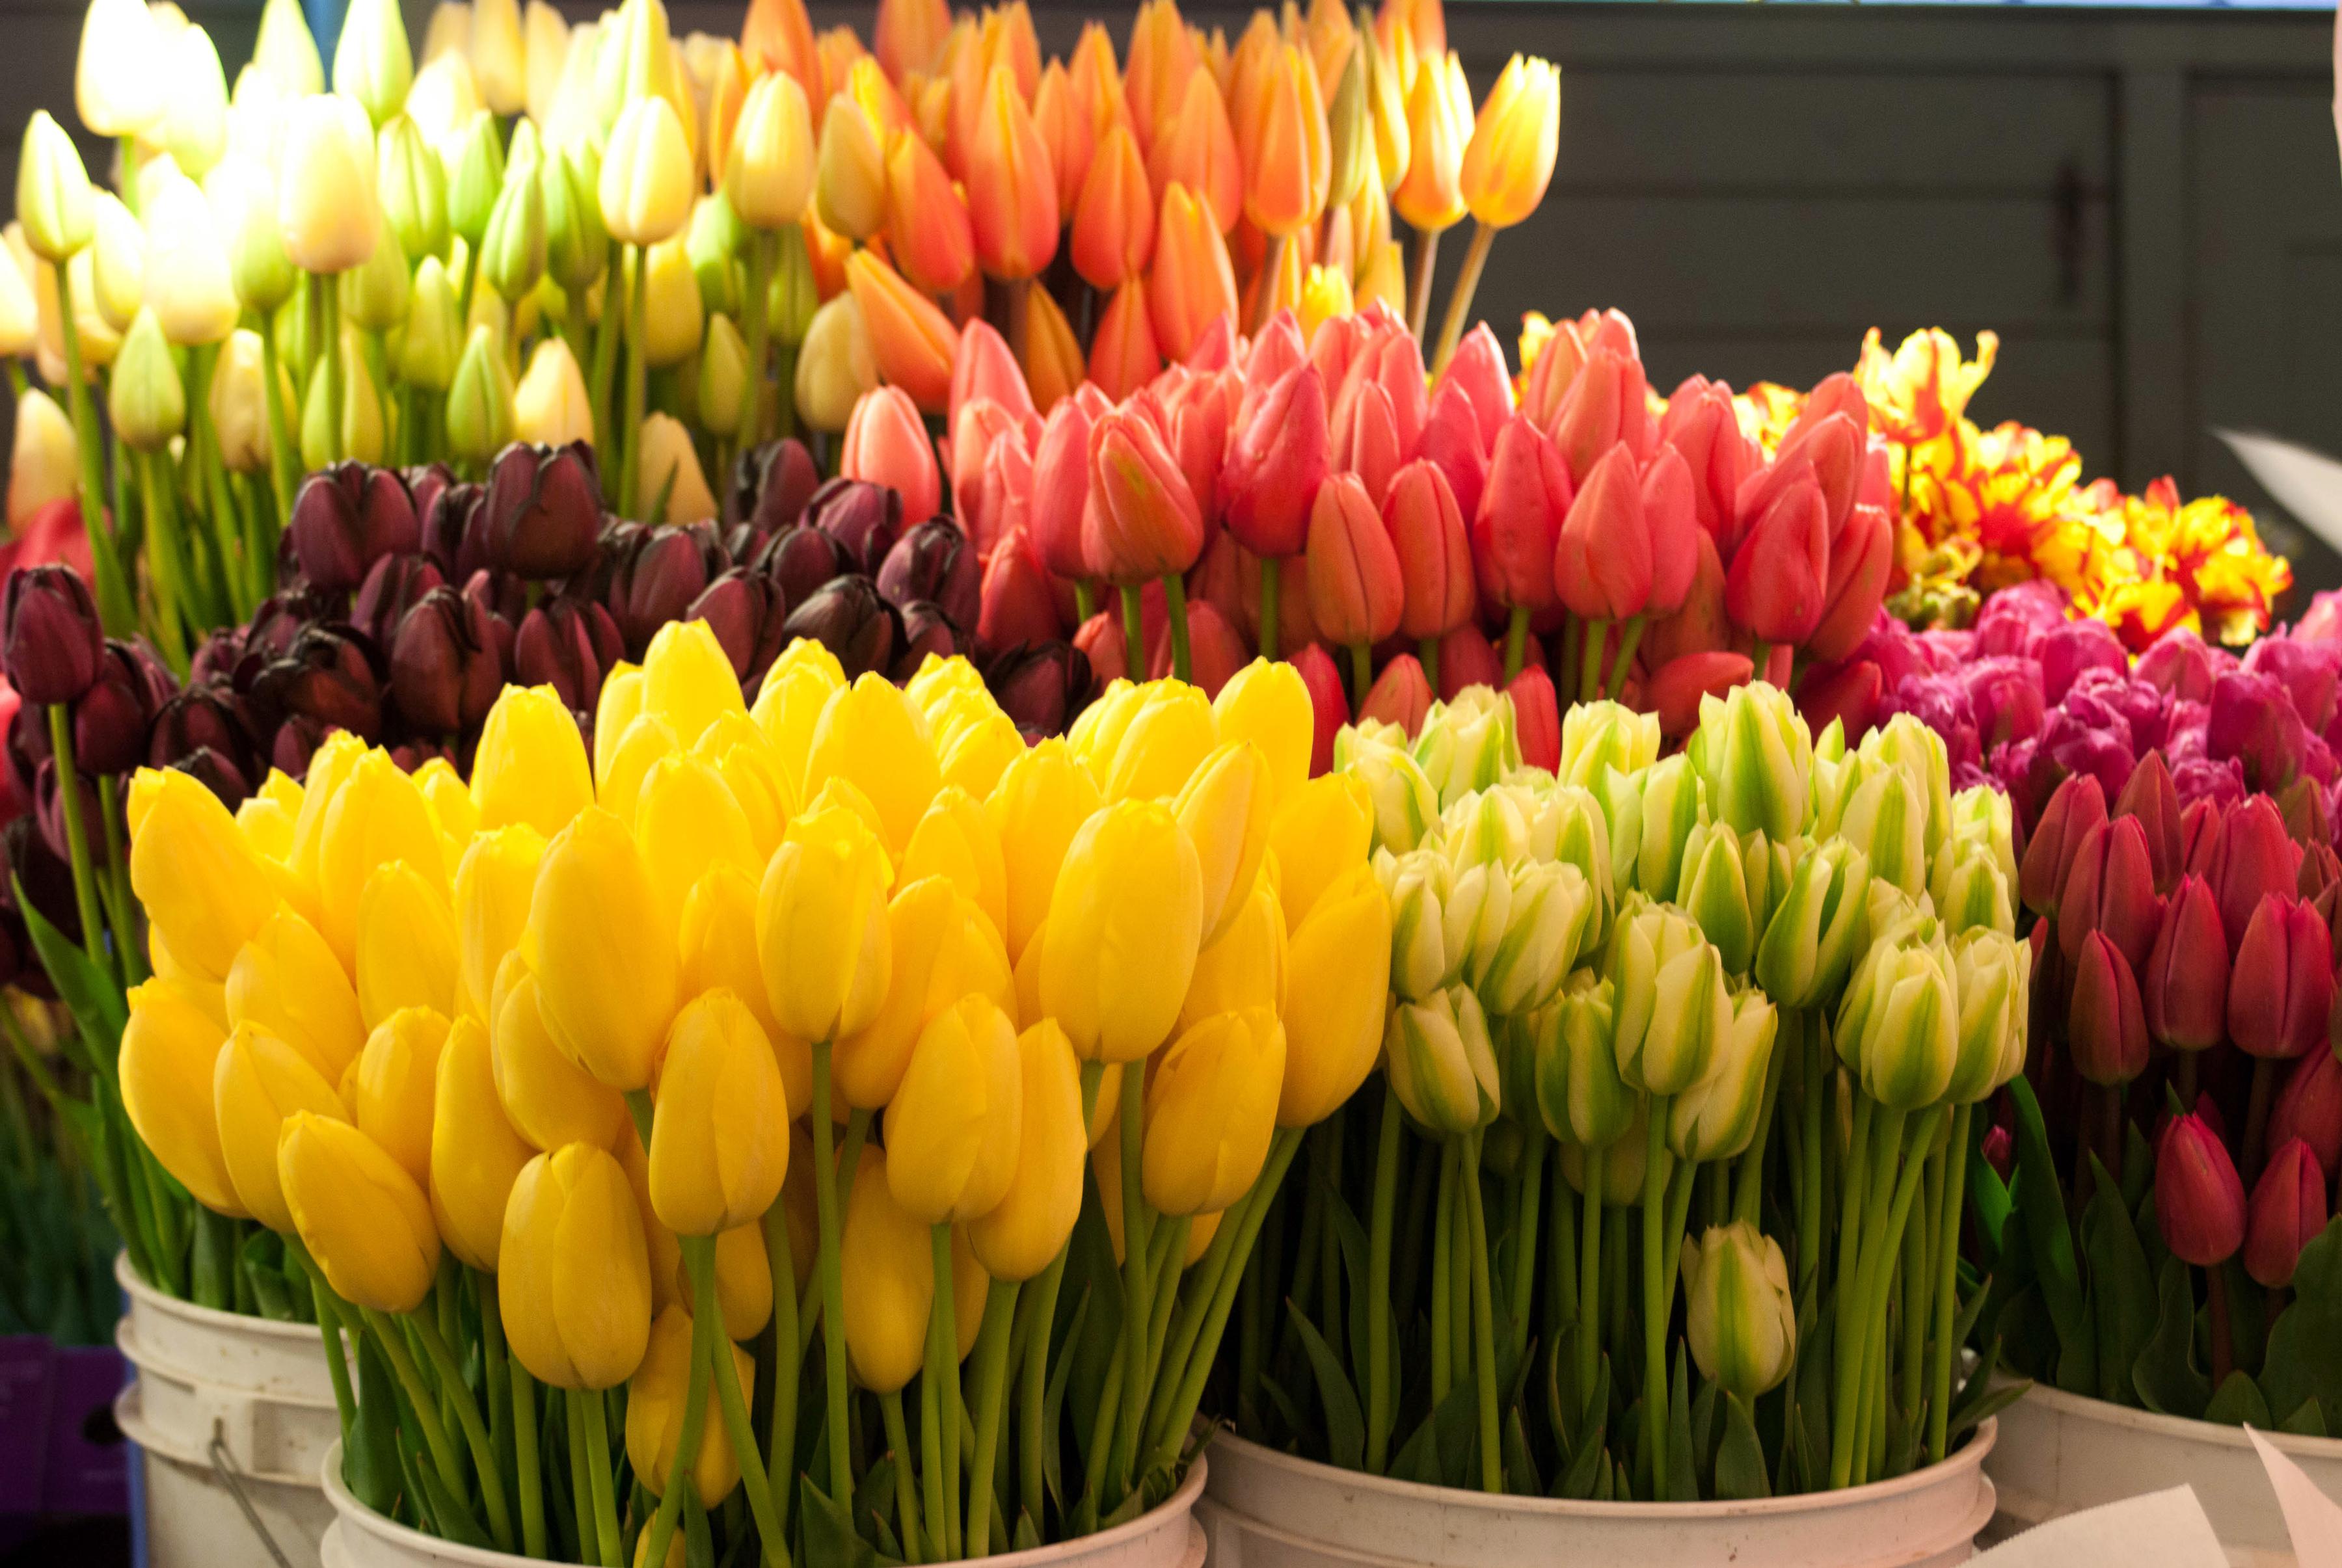 tulip-photo-52